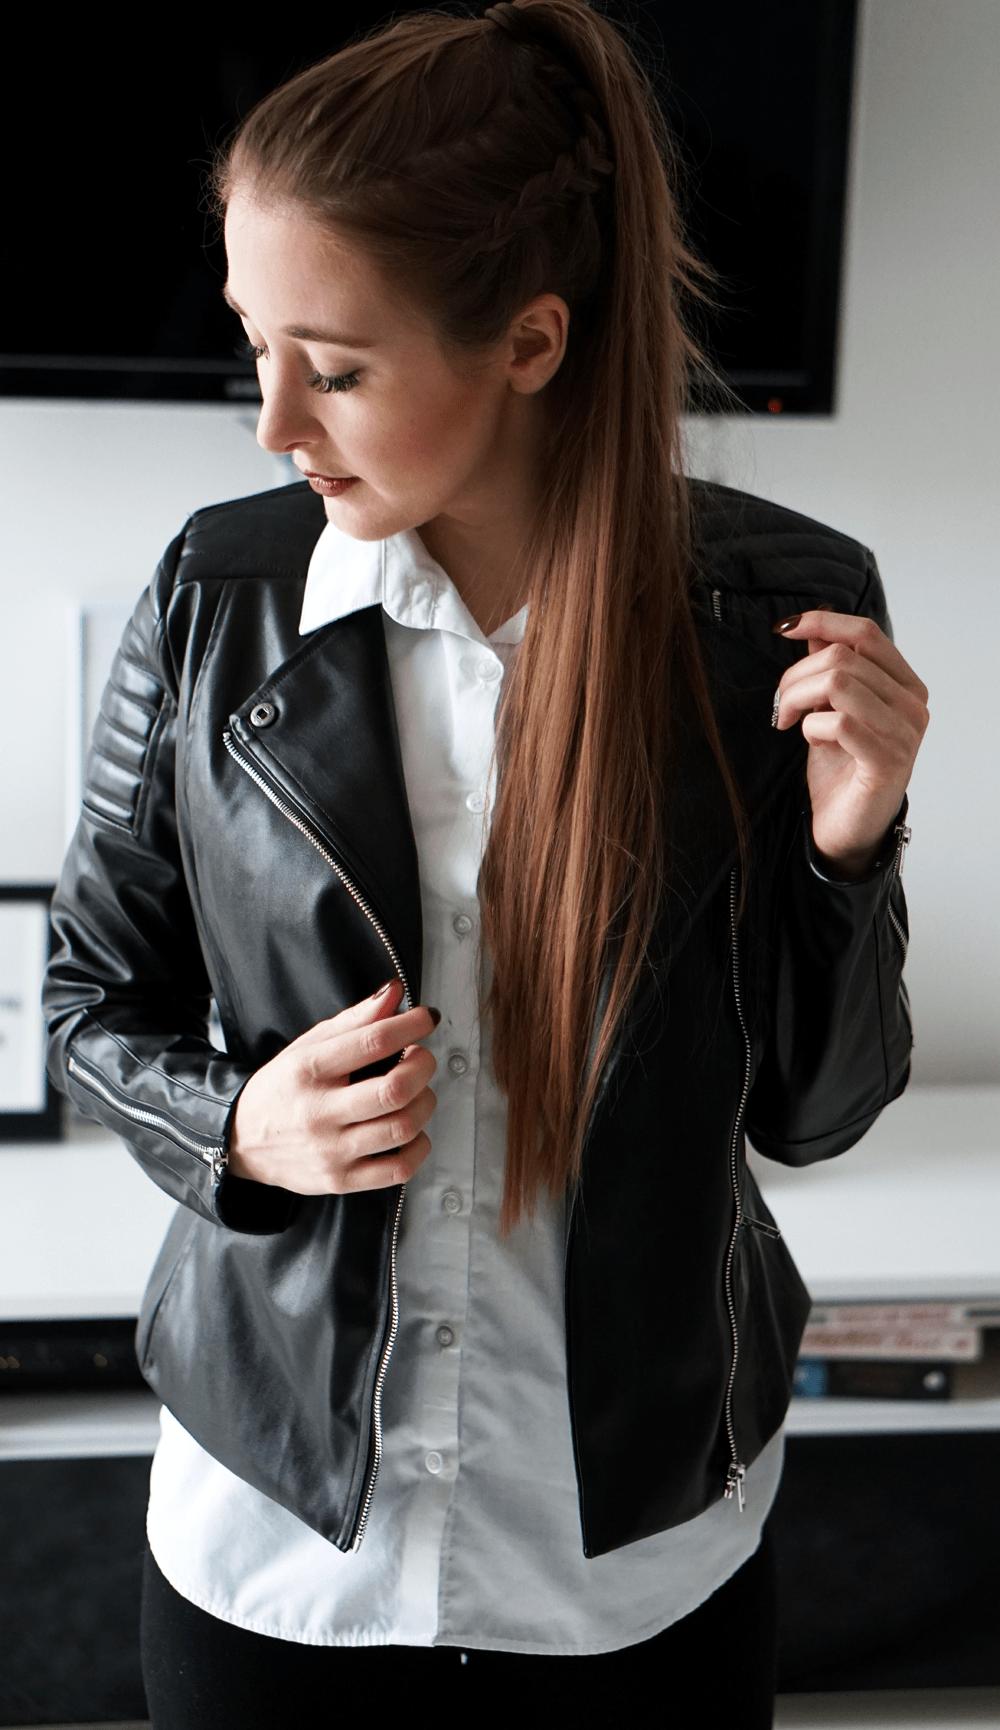 czarna kurtka shein boxer braid warkocz blond